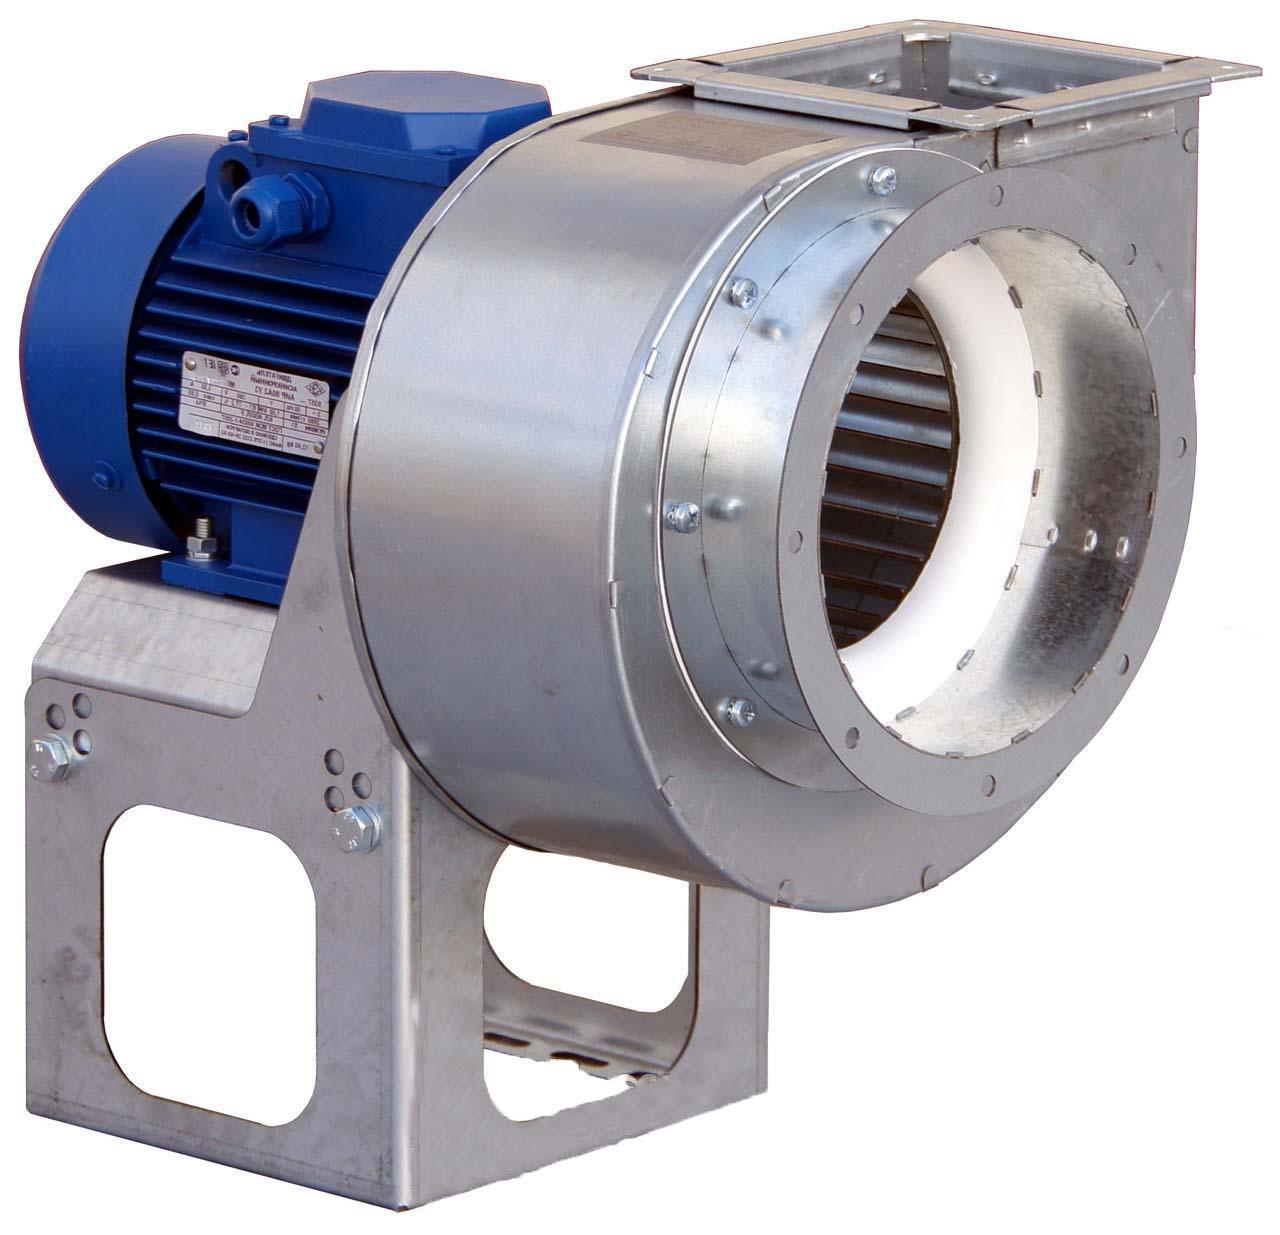 Вентилятор ВР 300-45-3,15К1Ж сх.1 (1,50х1500) (Лев 0 град.)